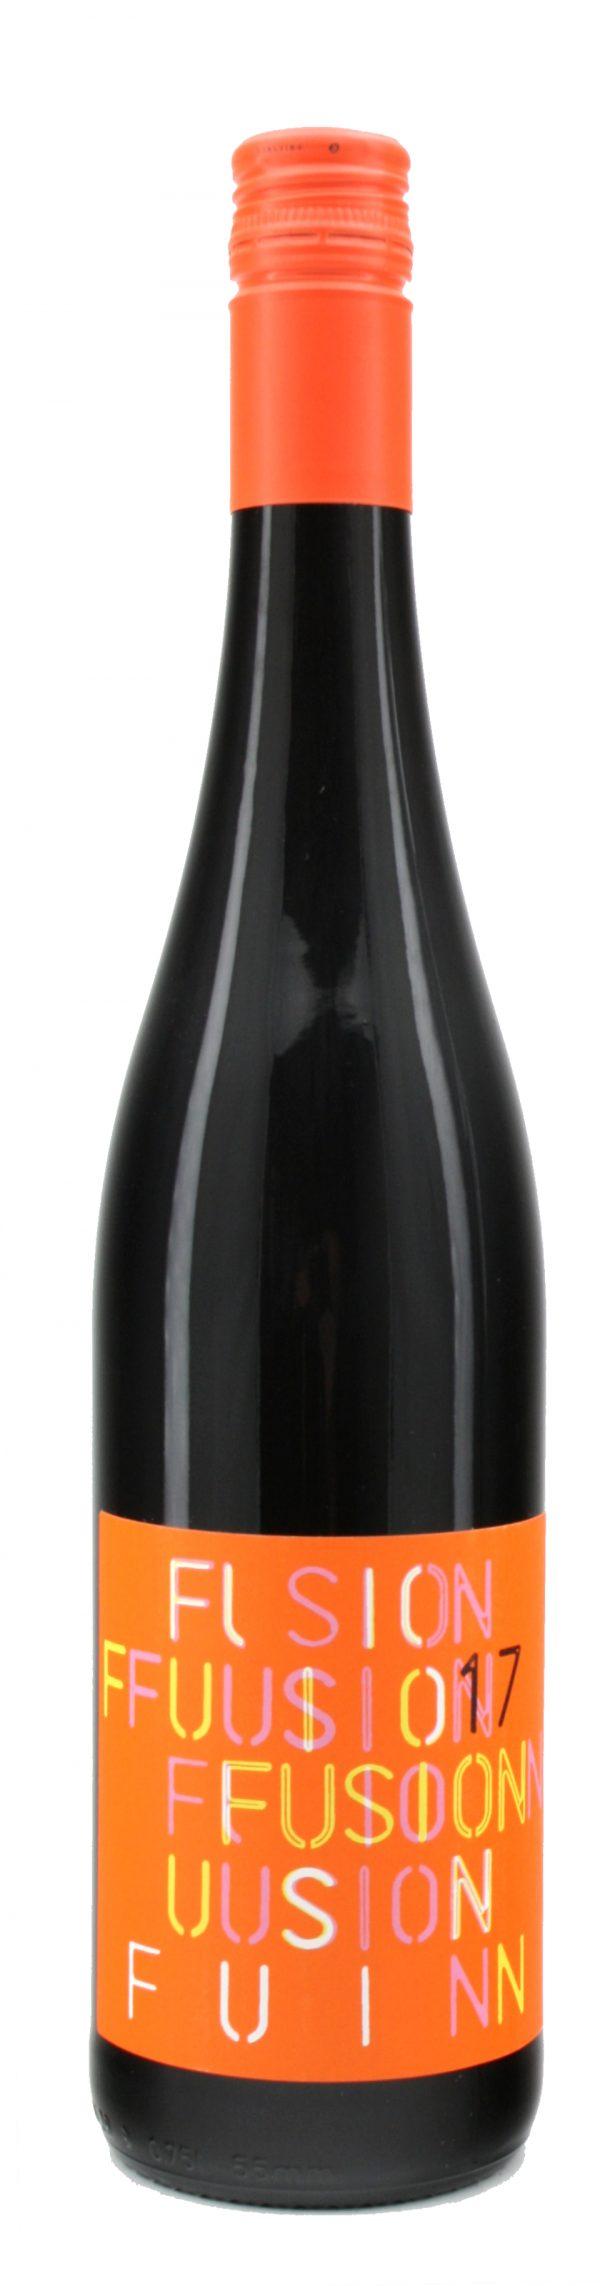 Fusion Rot Qualitätswein trocken 2019